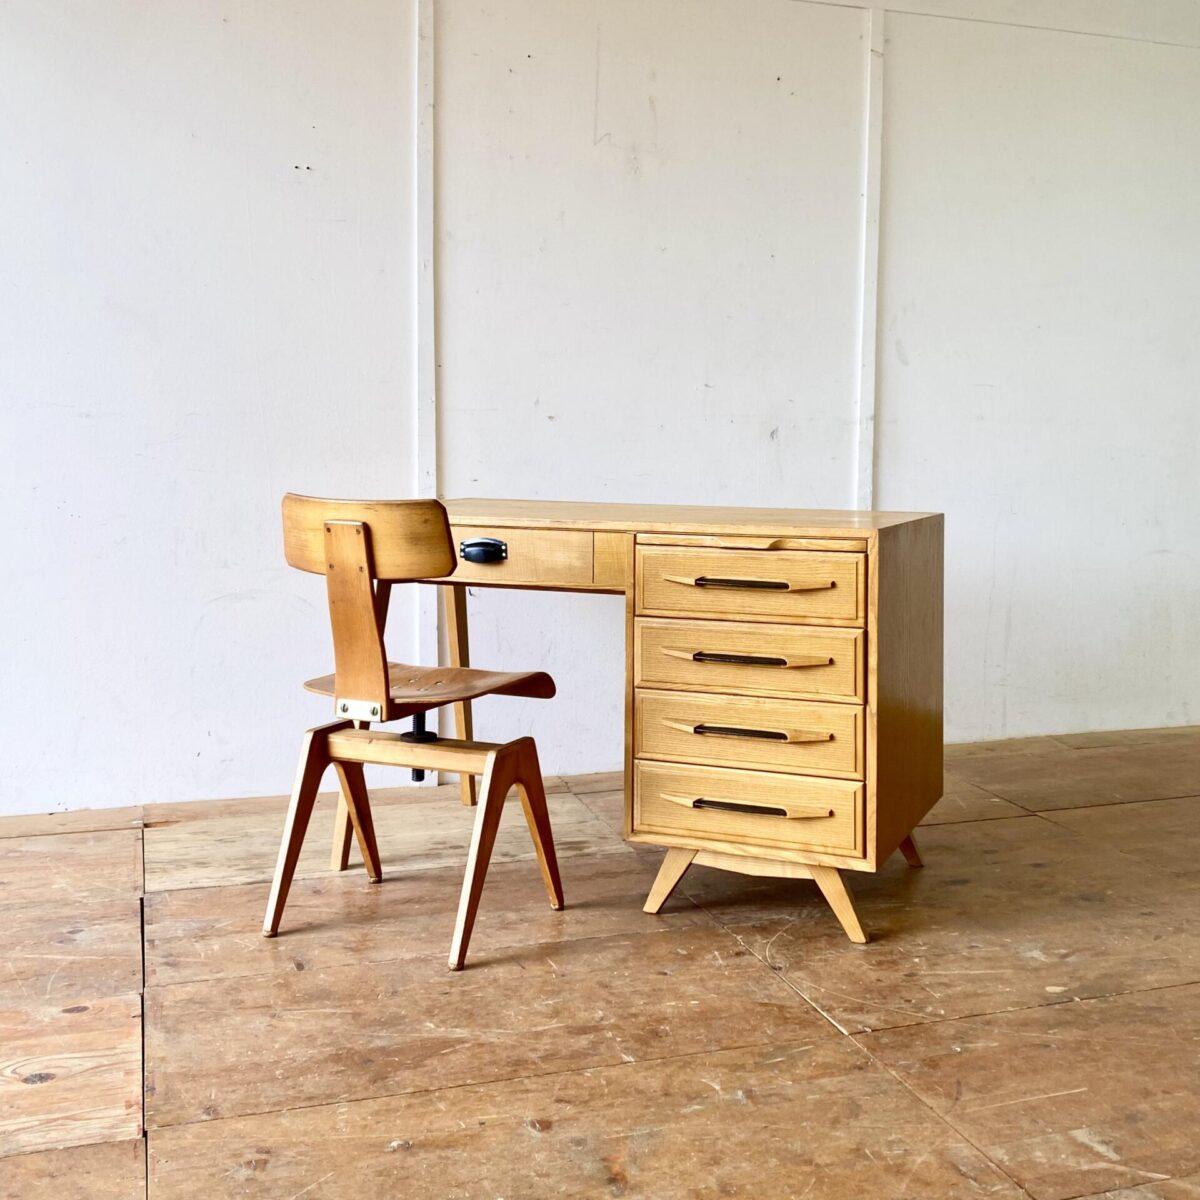 Deuxieme.shop midcentury Schreibtisch Swiss design. Heller Schreibtisch aus Eschenholz mit Schubladenkorpus. 115x60cm Höhe 74cm.